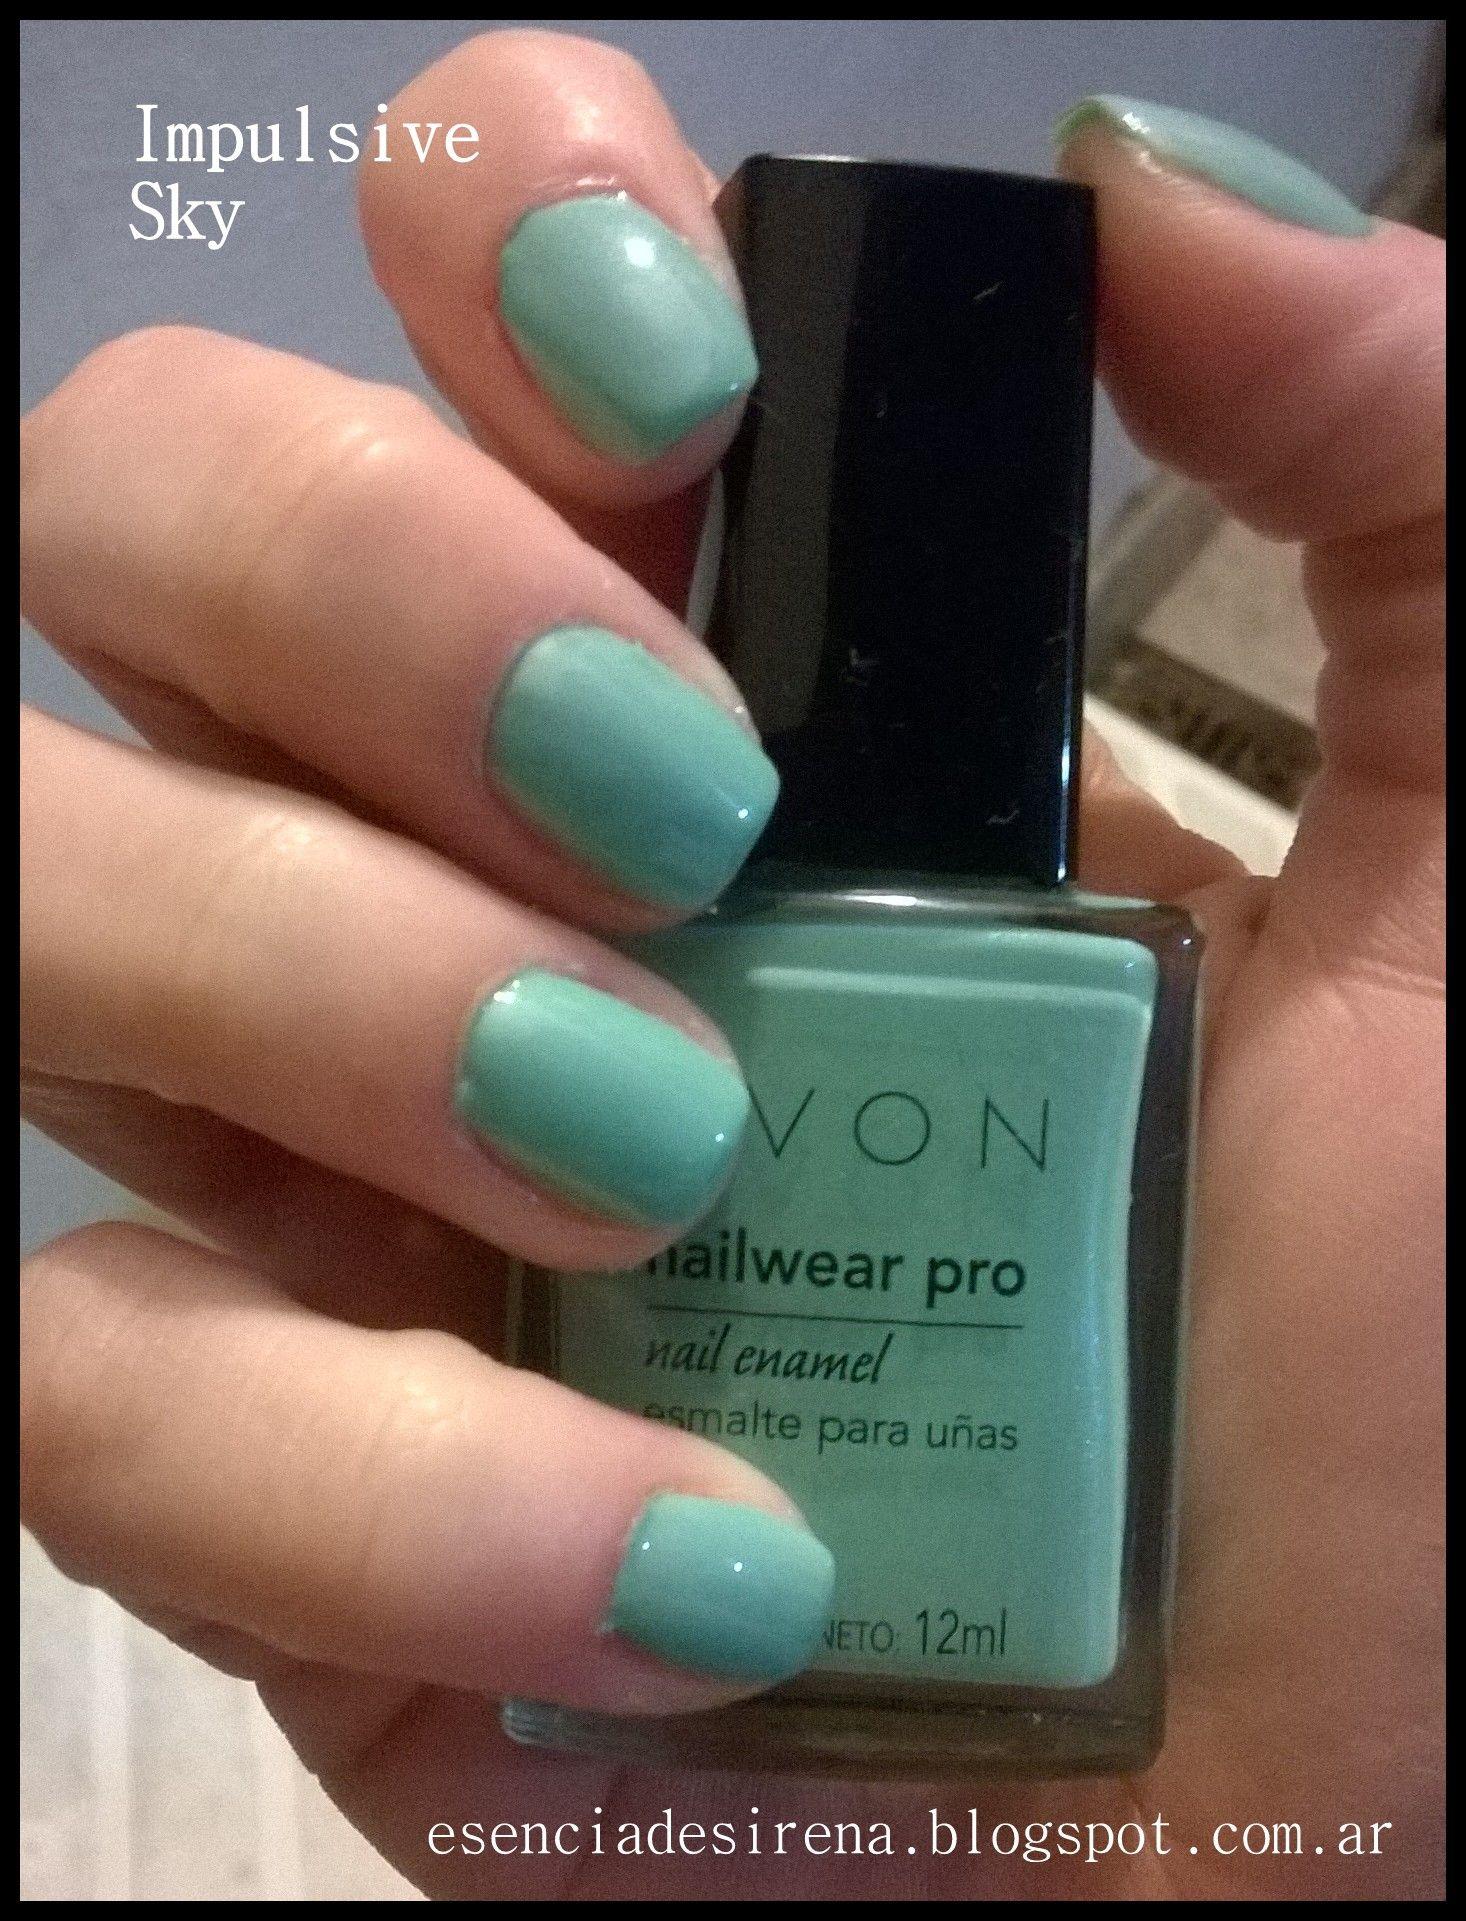 Pin De Esenciadesirena En Avon True Color Nail Wear Pro Avon Y